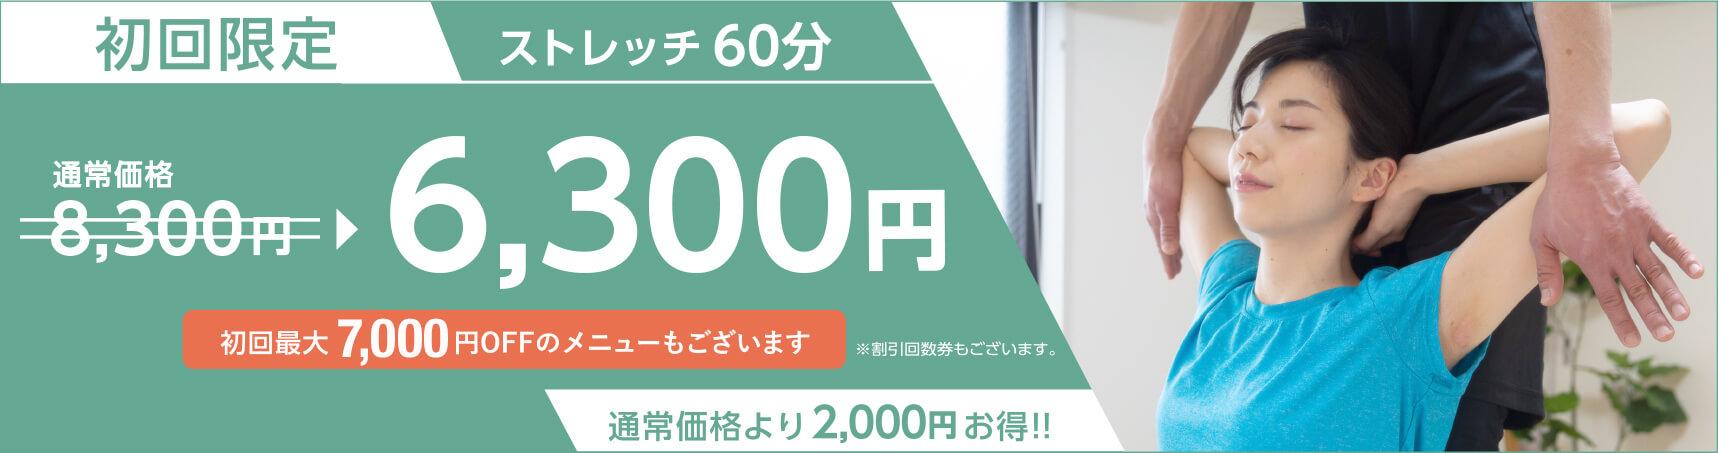 初回限定 ストレッチ60分 6,300円